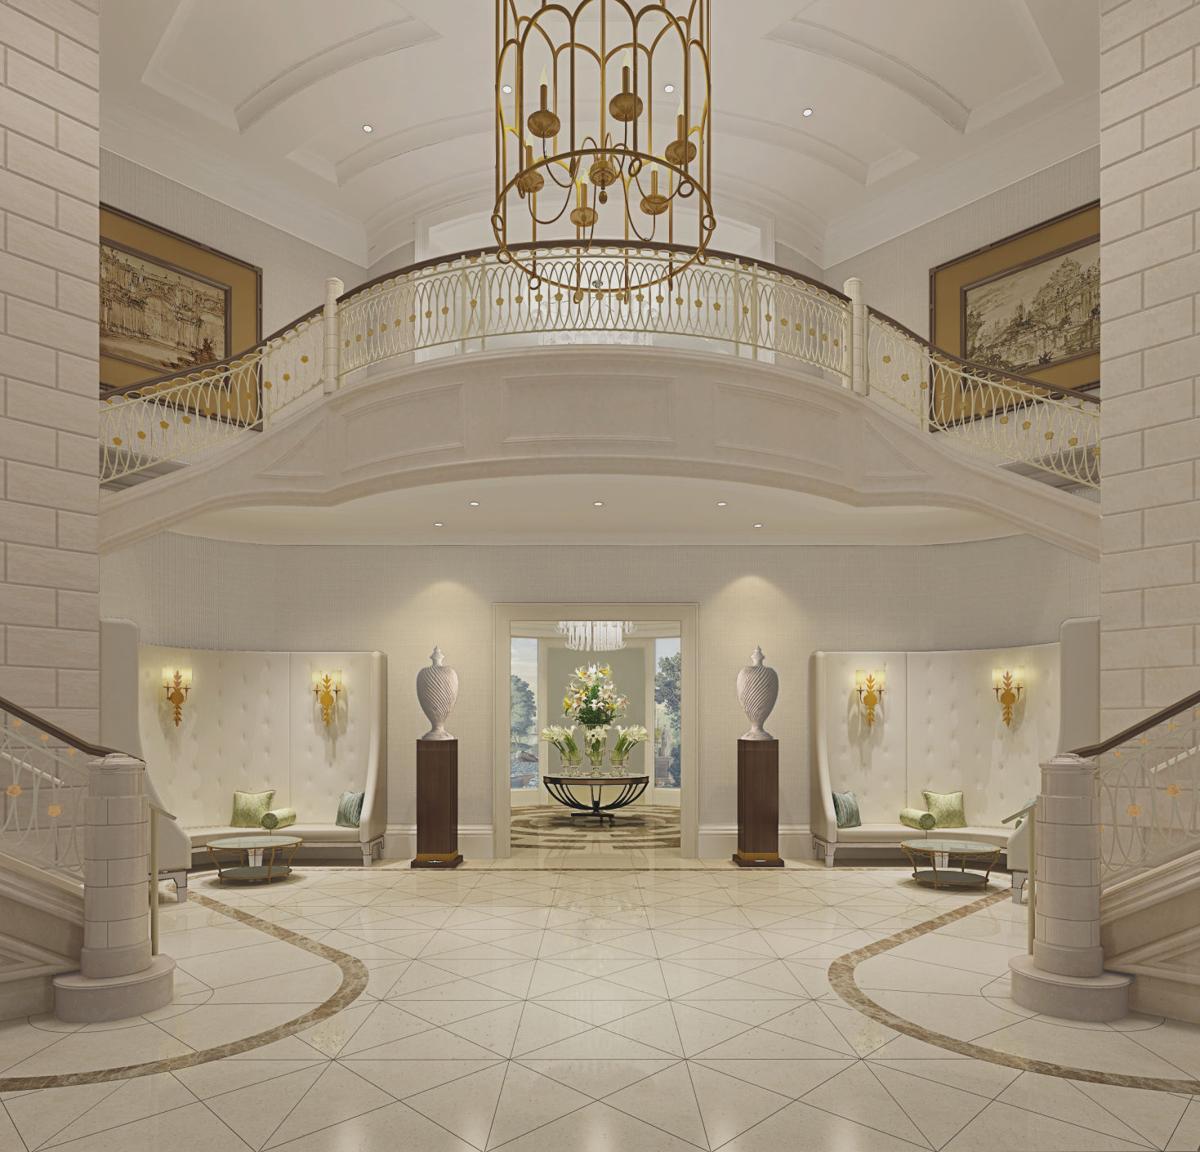 Foyer Of The Hotel : Bennett s new luxury hotel raises bar for charleston rates